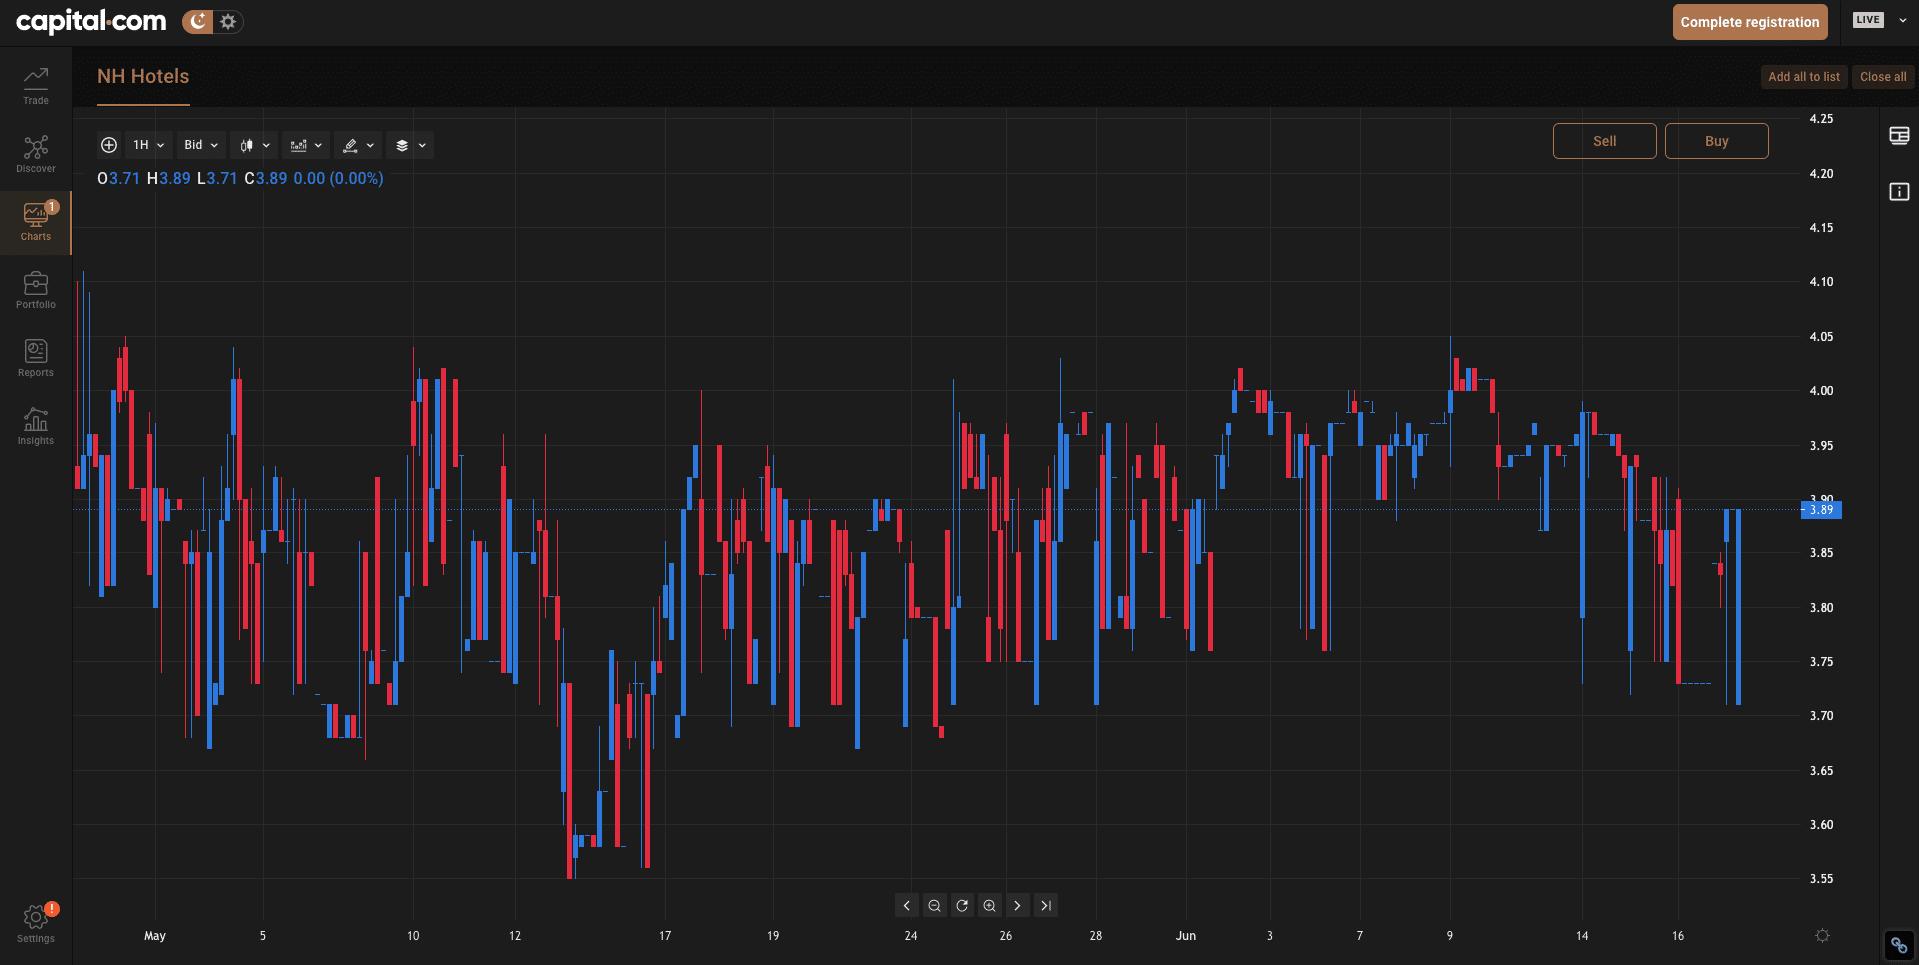 capital.com charts